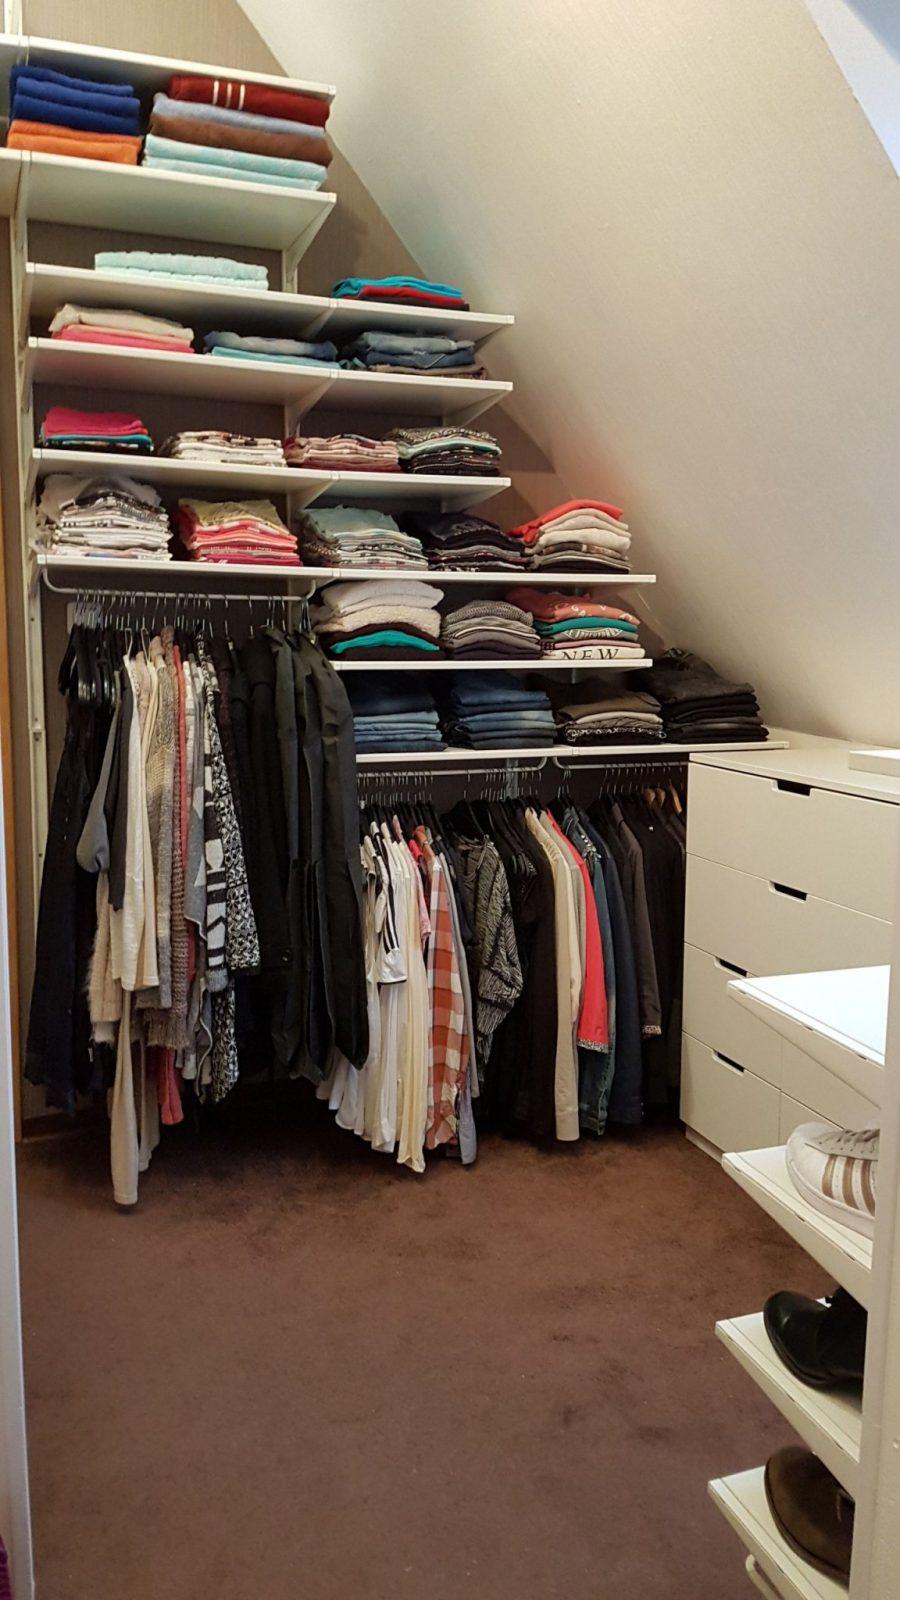 Unser Neues Ankleidezimmer Diy Ikea Selbermachen Regale Schrank von Kleiderschrank Inneneinrichtung Selber Bauen Photo